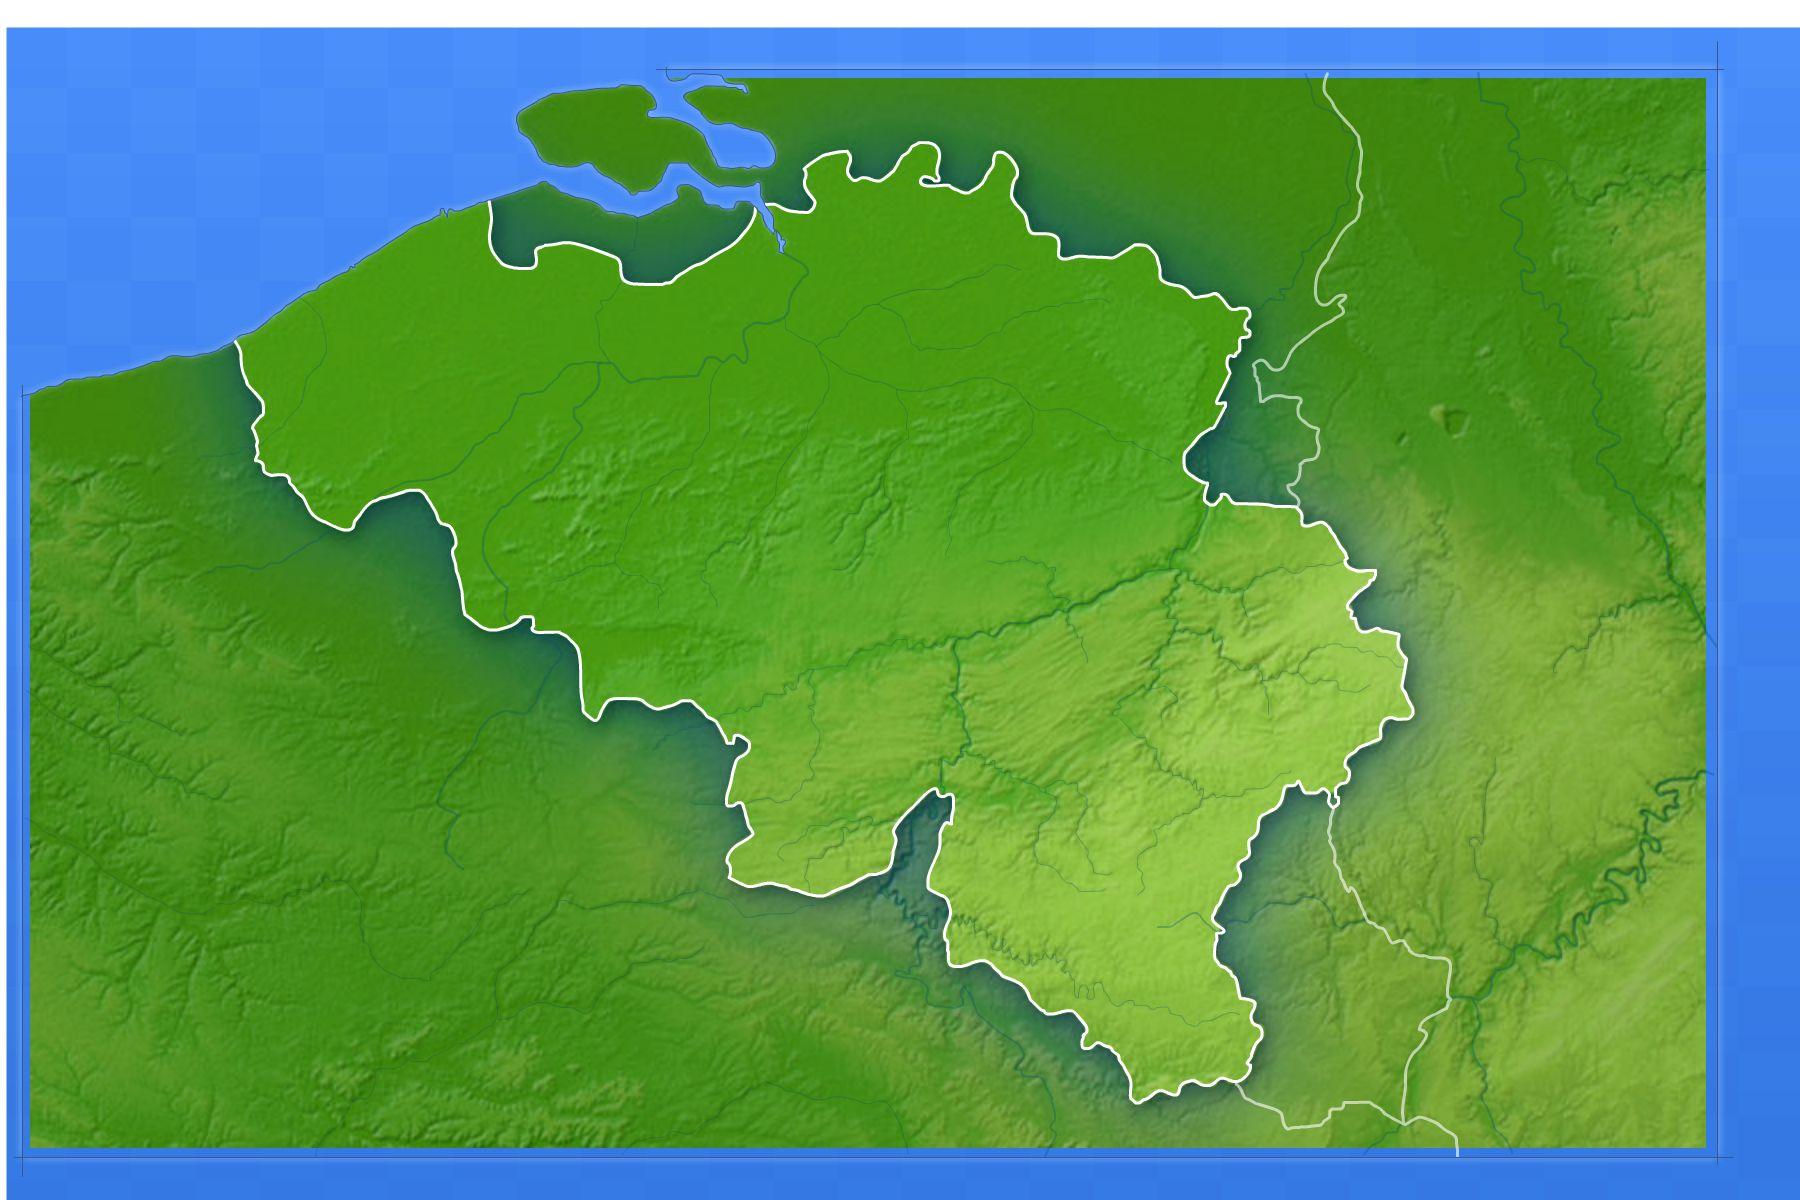 Jeux-Geographiques Jeux Gratuits Jeu Villes De Belgique dedans Jeux Géographique